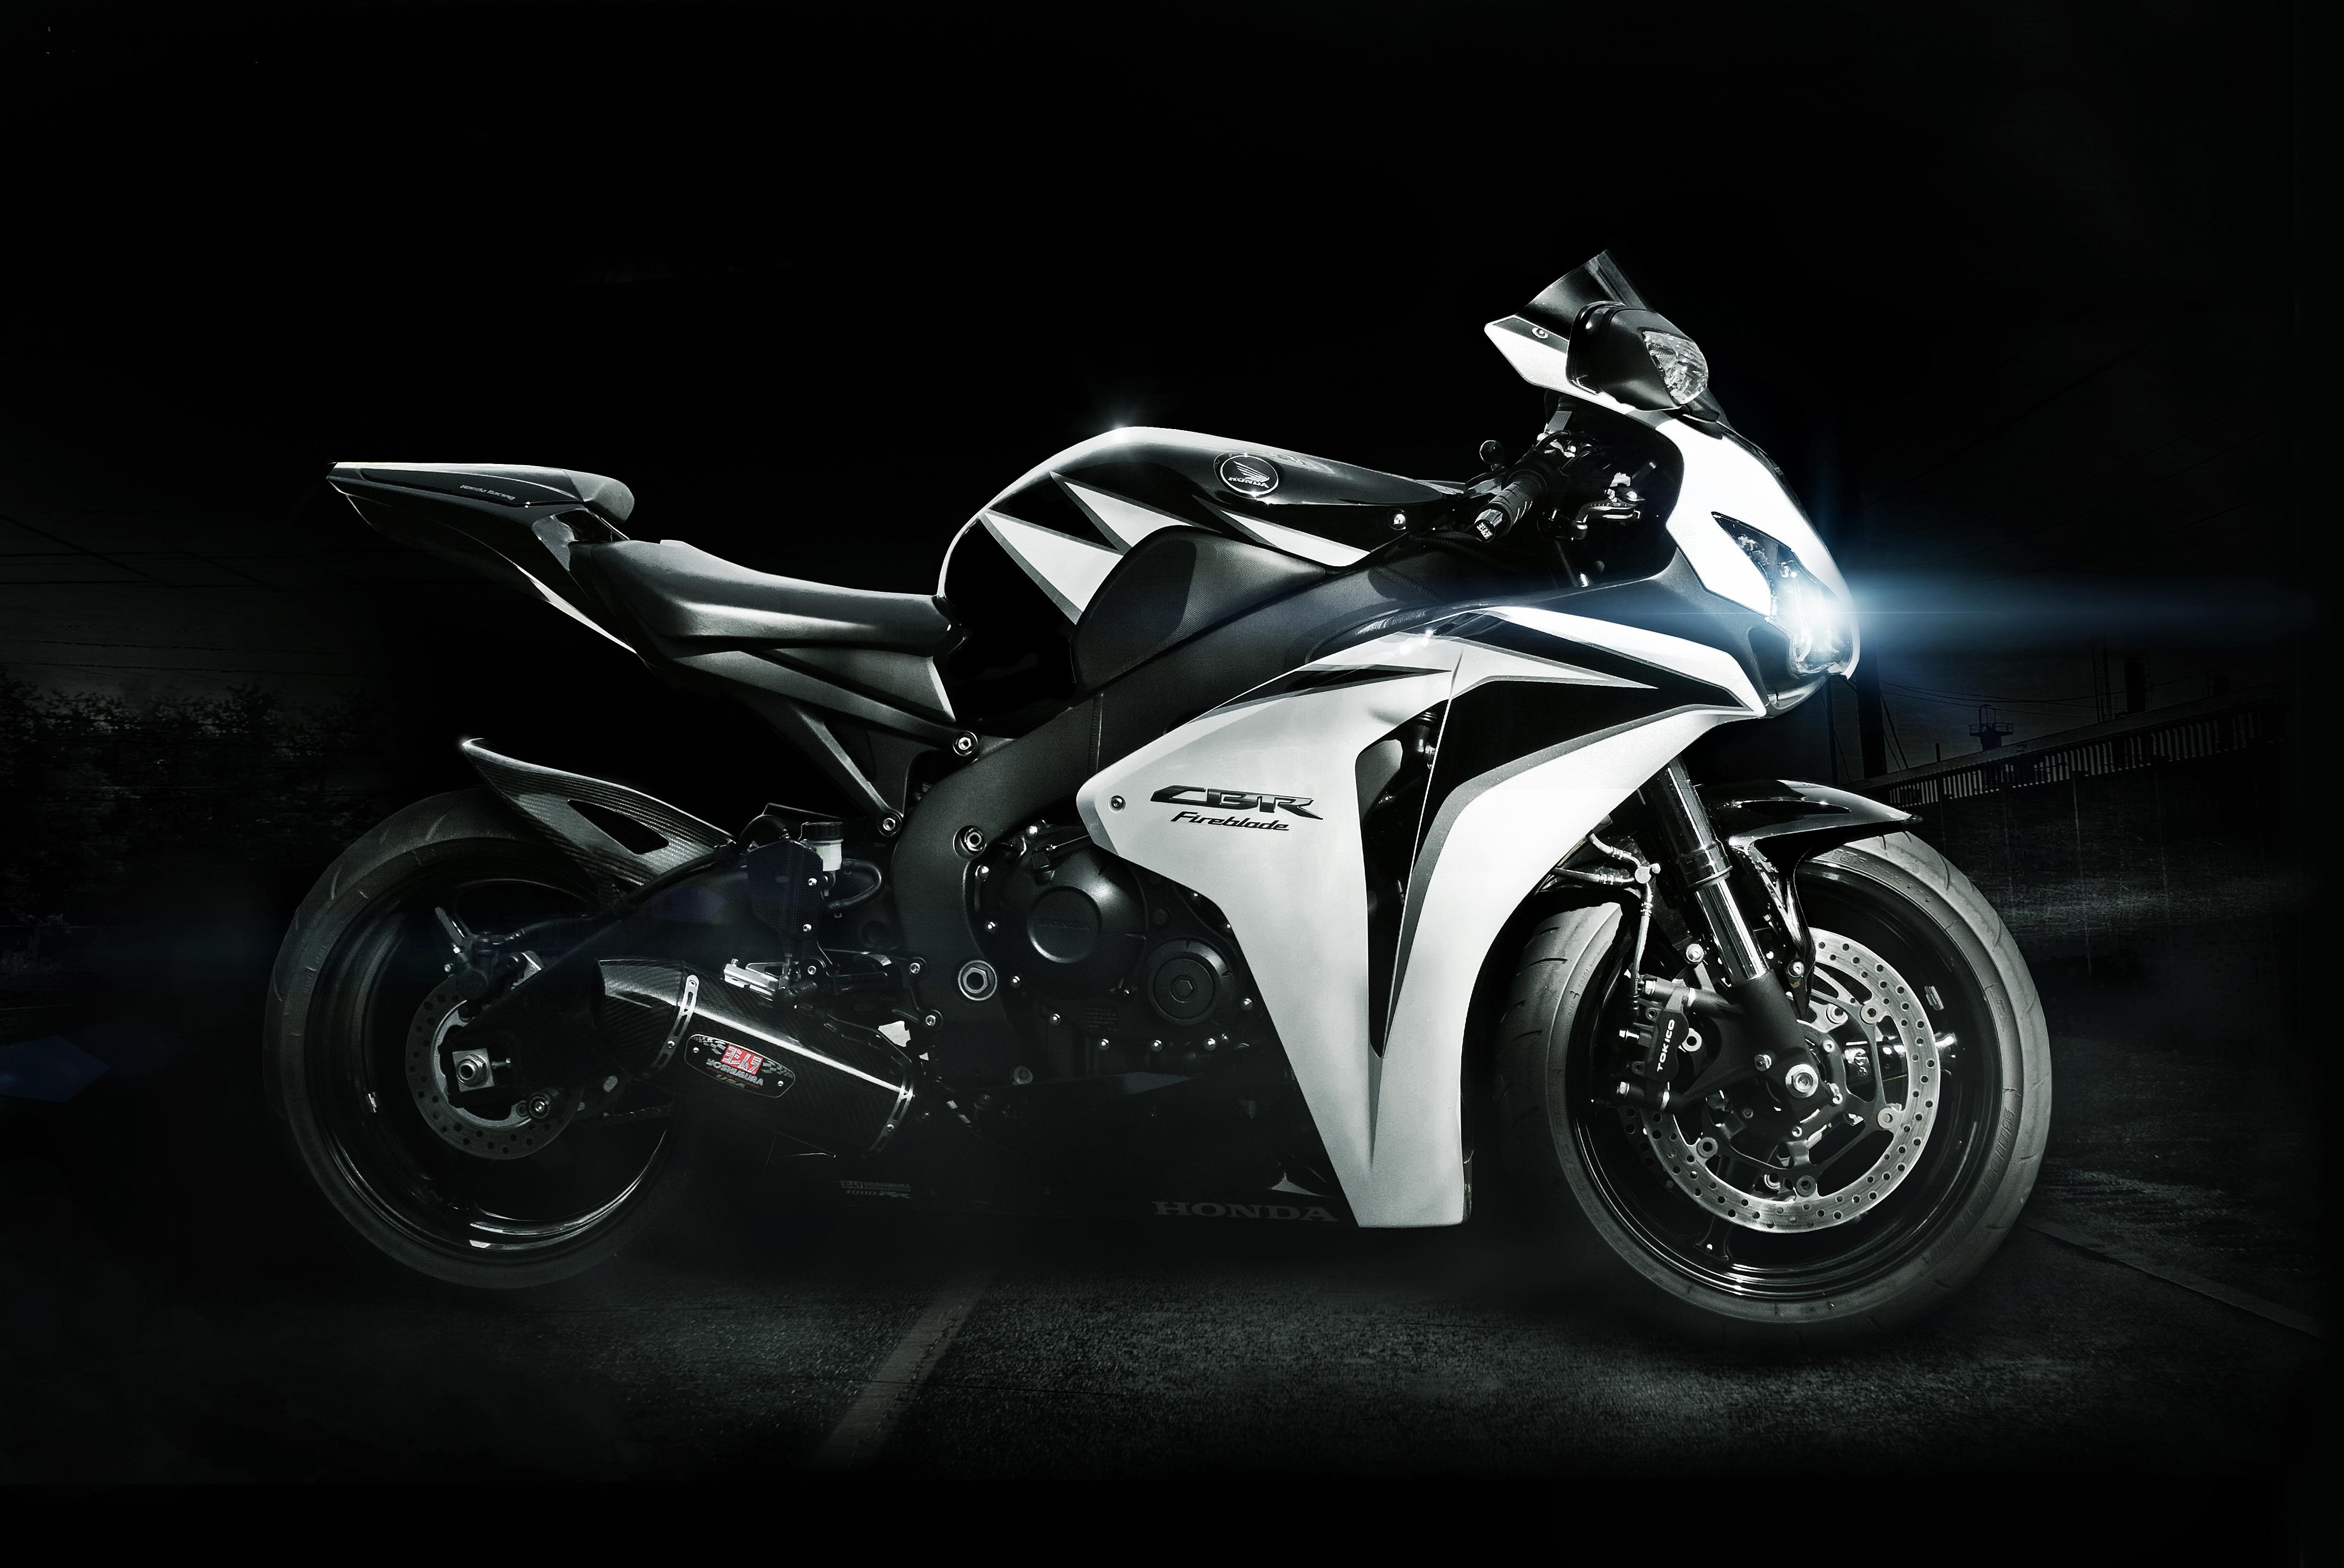 68075 Заставки и Обои Фары на телефон. Скачать Мотоциклы, Хонда (Honda), Белый, Фары, Cbr, Чёрный, Fireblade картинки бесплатно